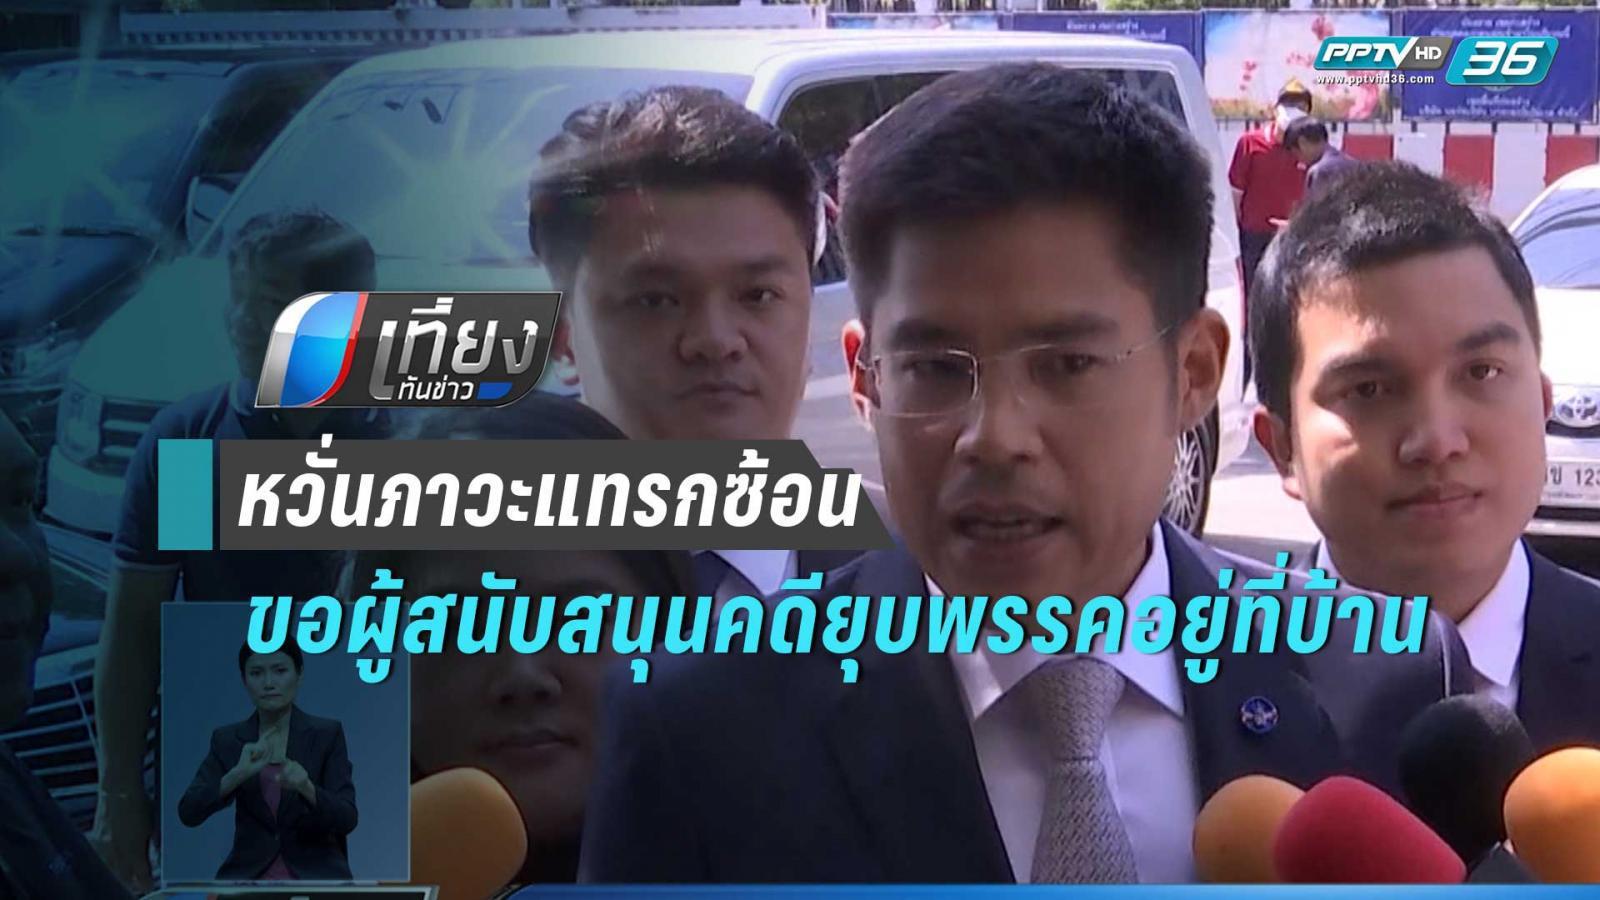 แกนนำไทยรักษาชาติ เตรียมพร้อมฟังคำพิพากษายุบพรรค